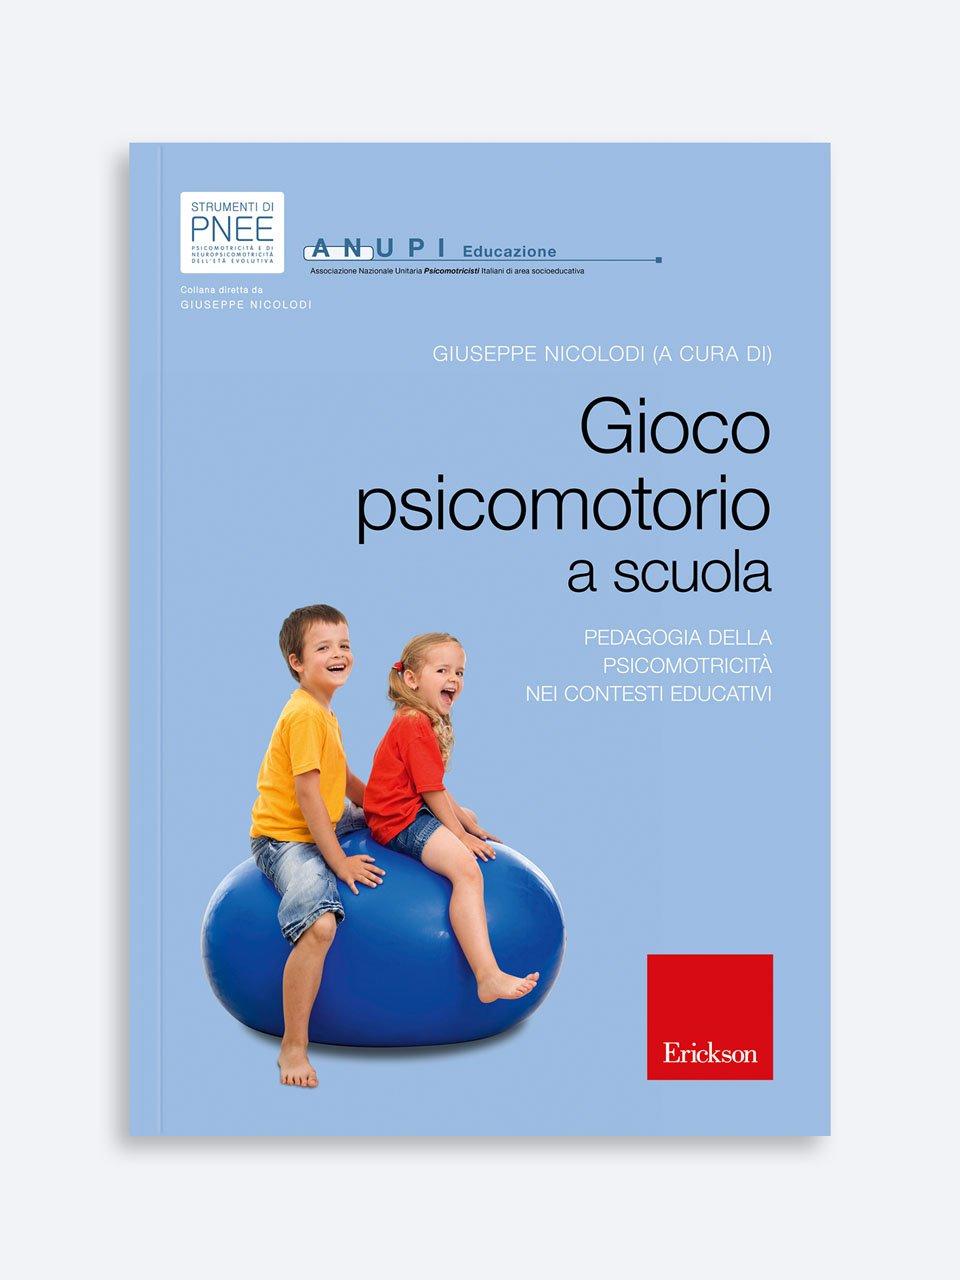 Gioco psicomotorio a scuola - Educare in natura - Libri - Erickson